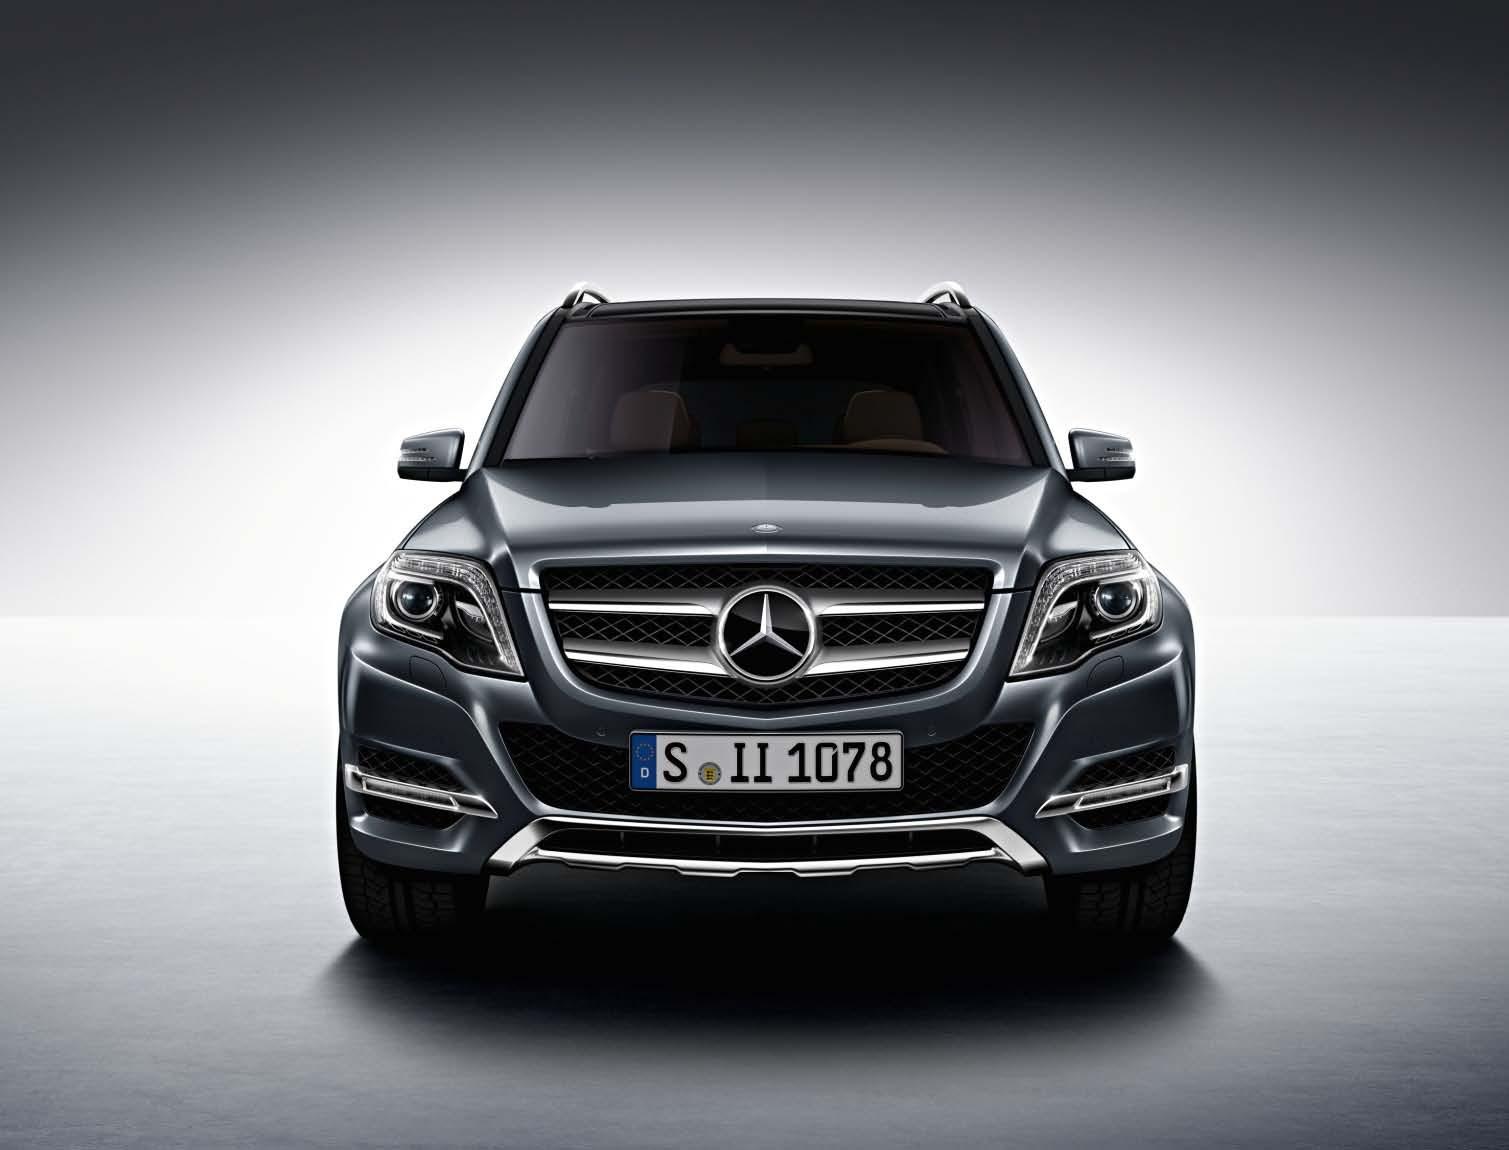 Mercedes benz launches 2013 glk 250 diesel in canada for Mercedes benz 250 diesel